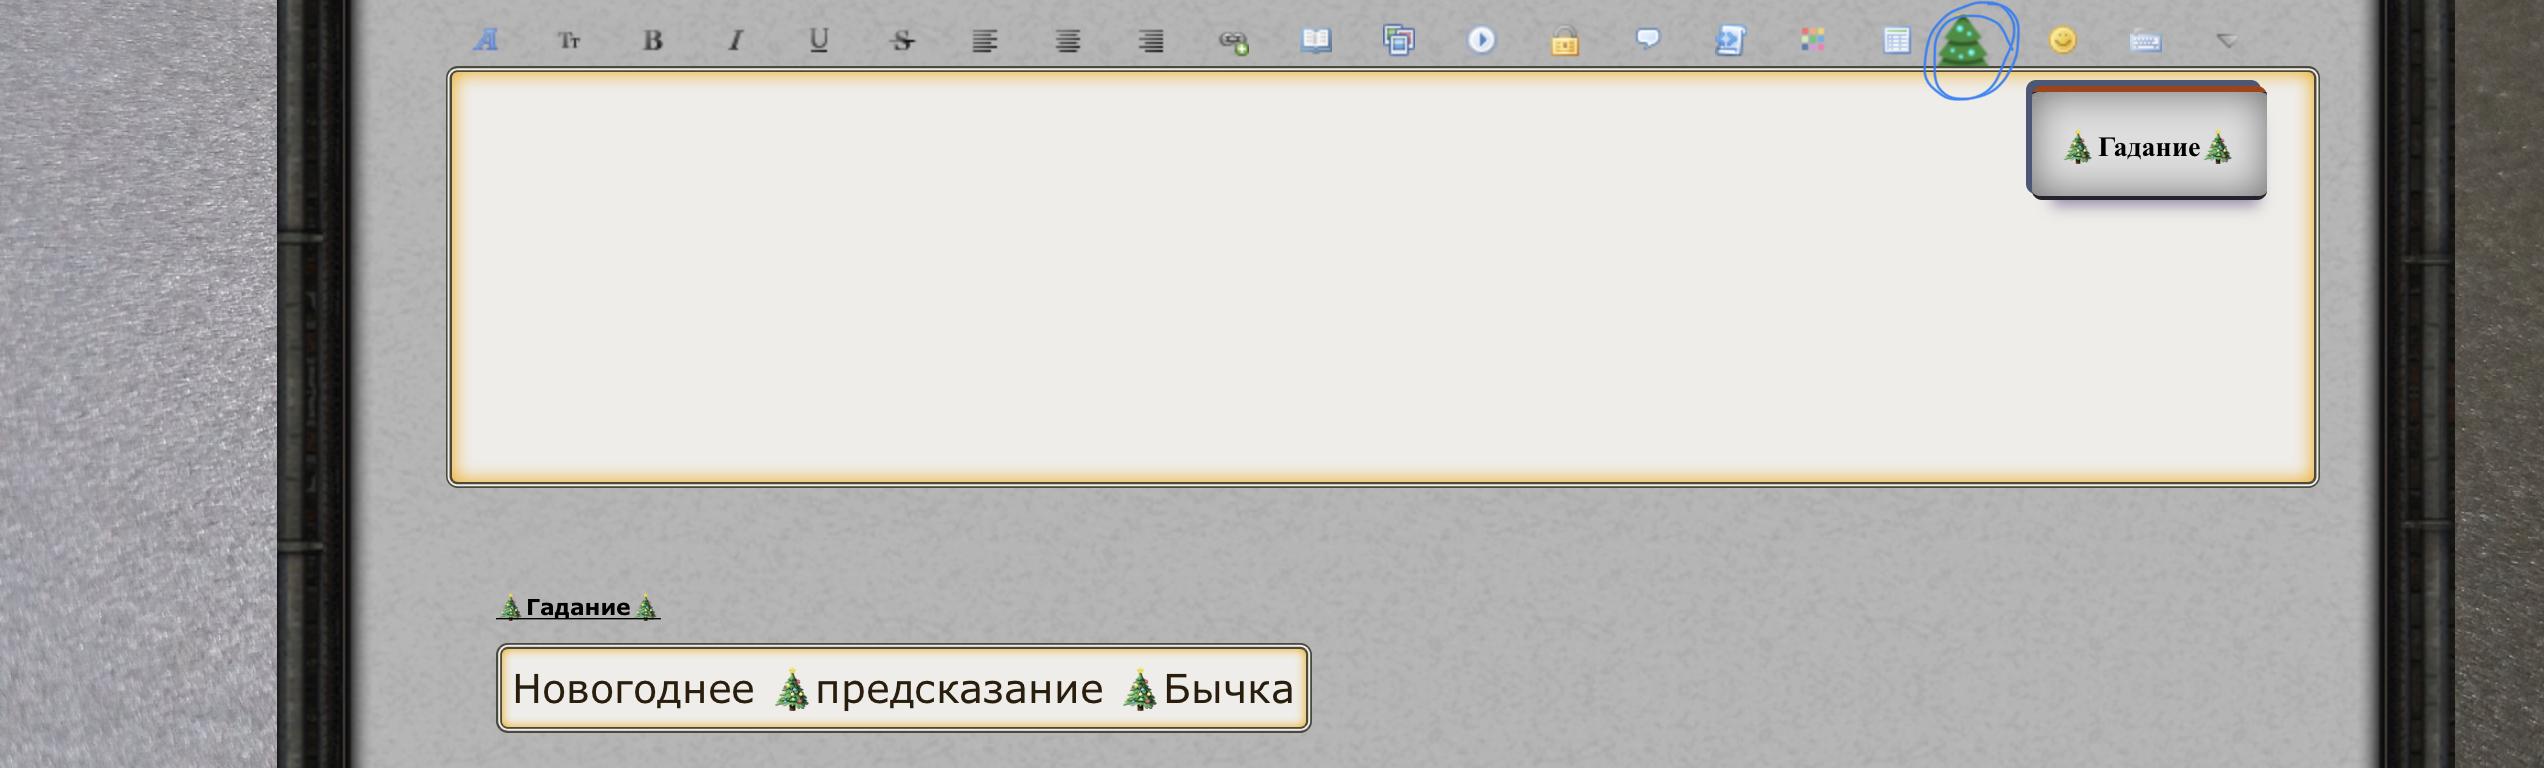 https://forumupload.ru/uploads/0007/e3/f7/6763/395174.jpg